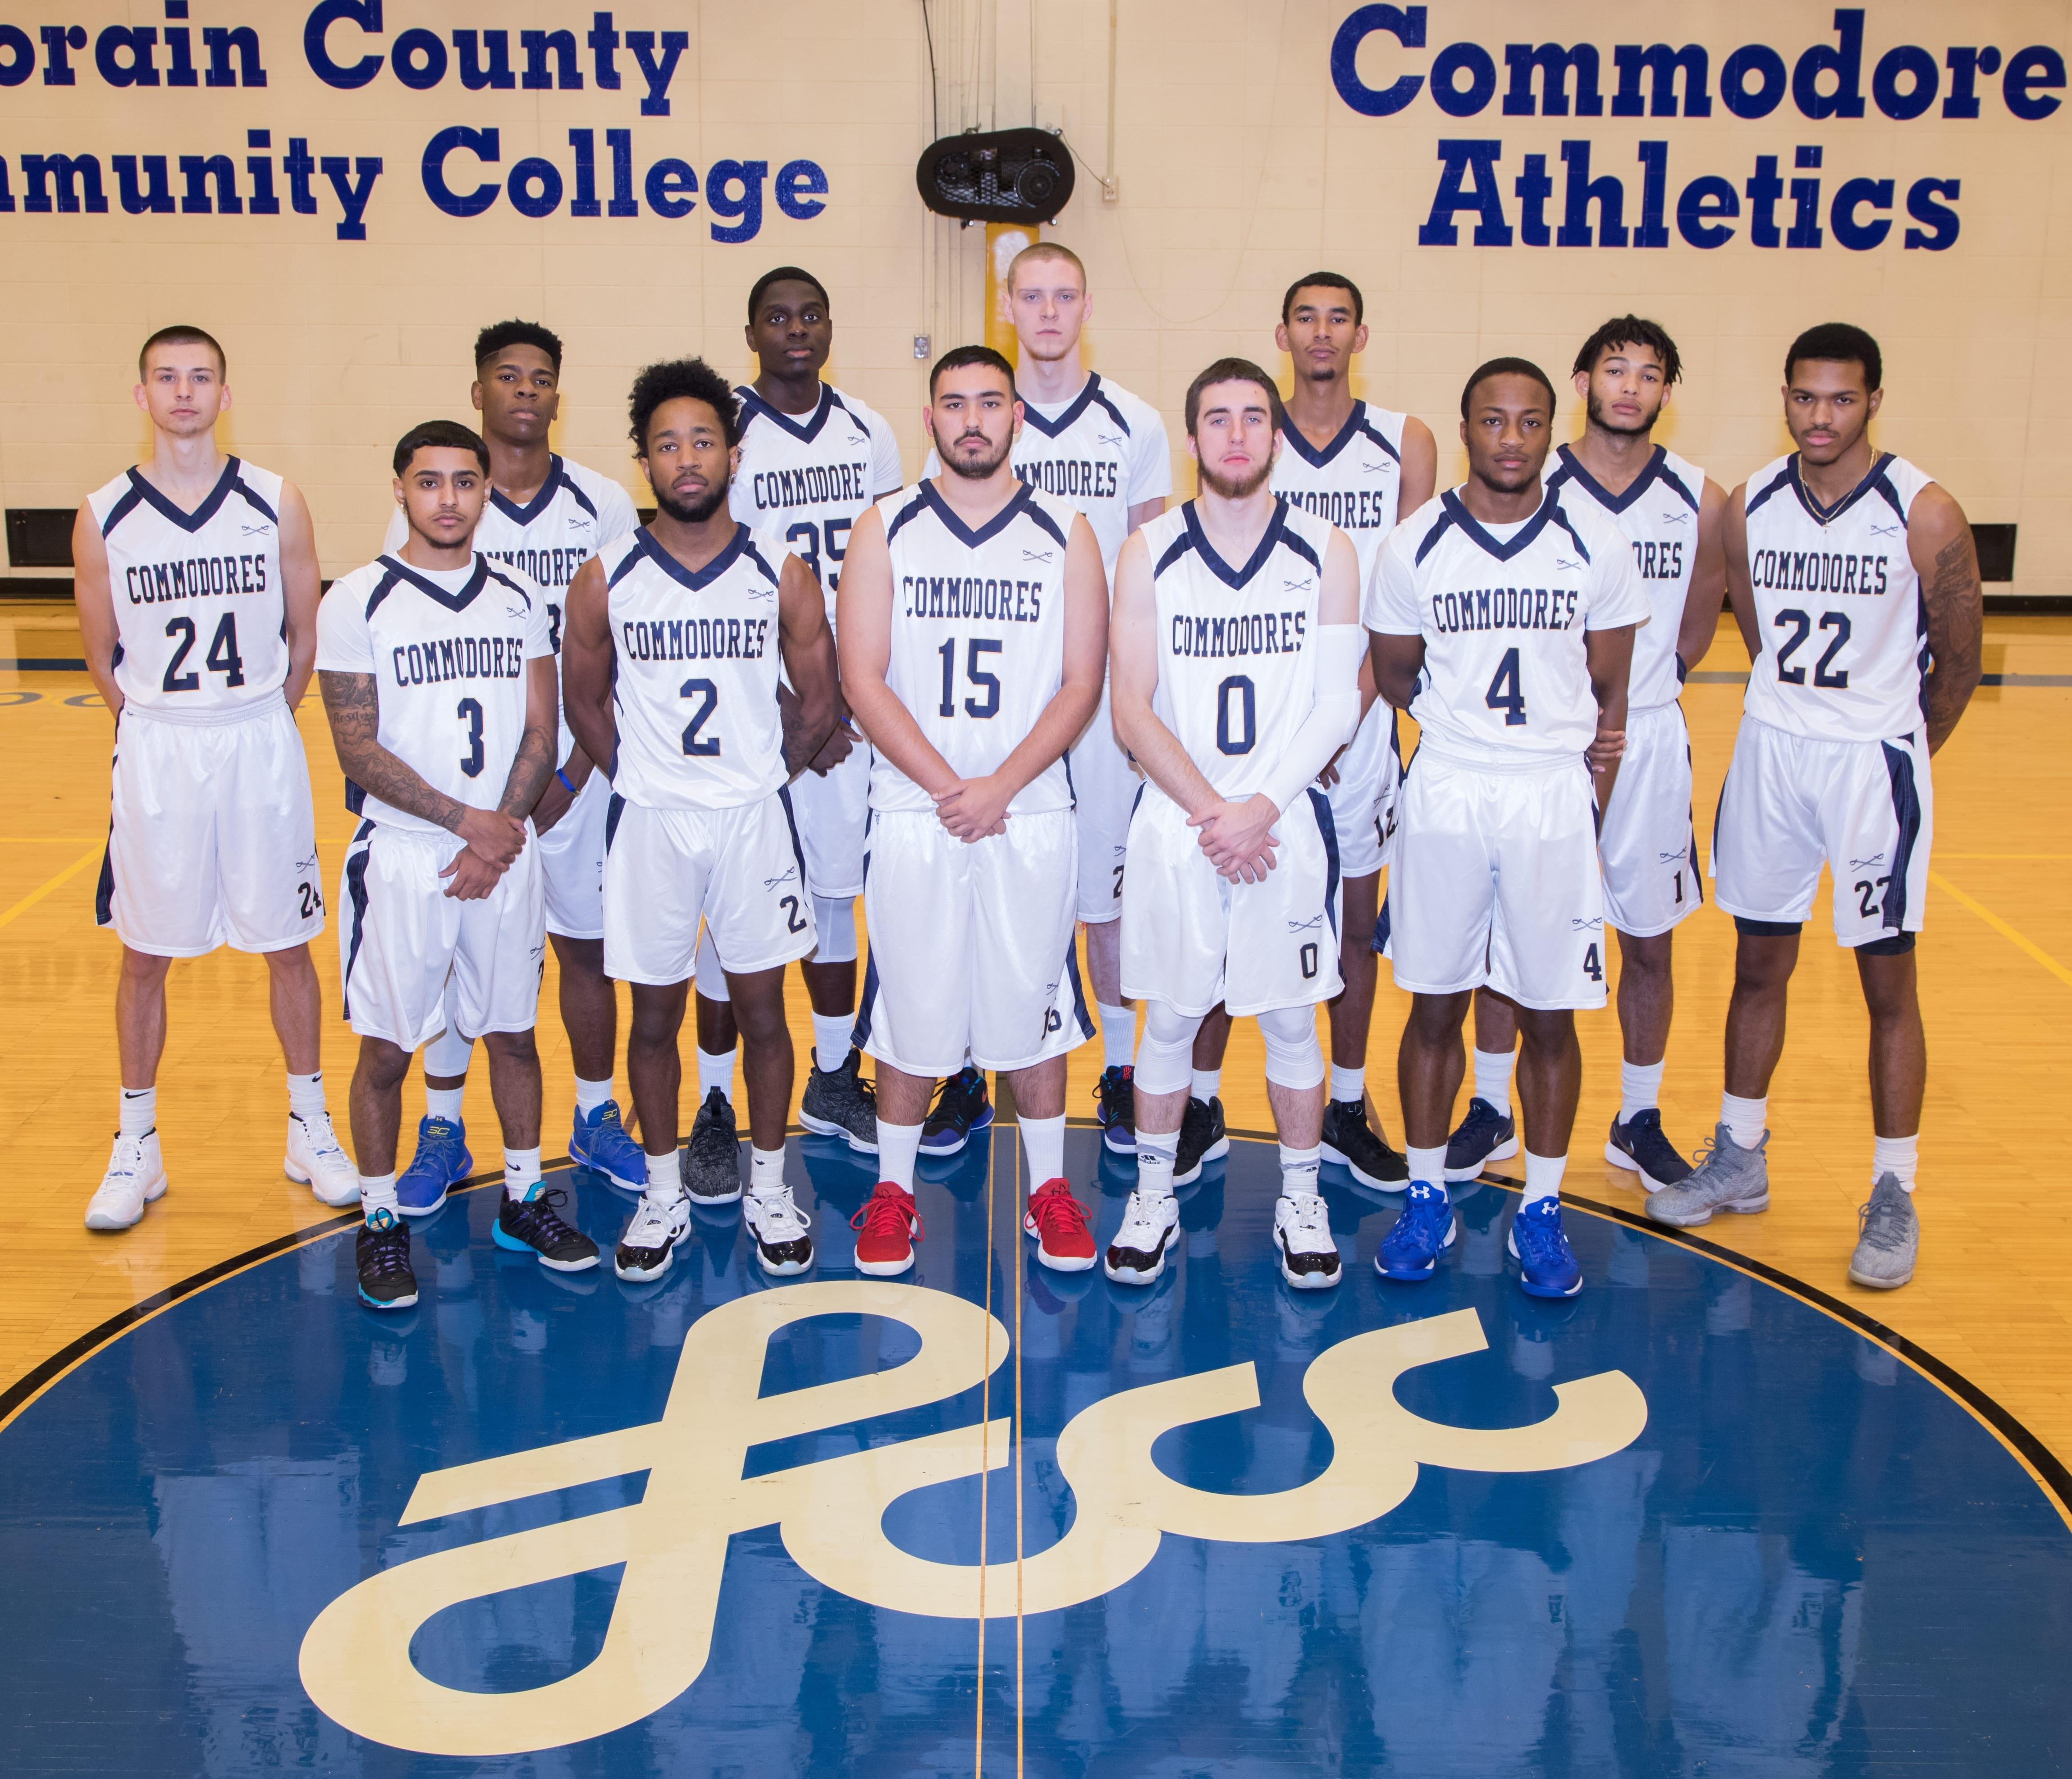 2018-19 Men's Basketball Team